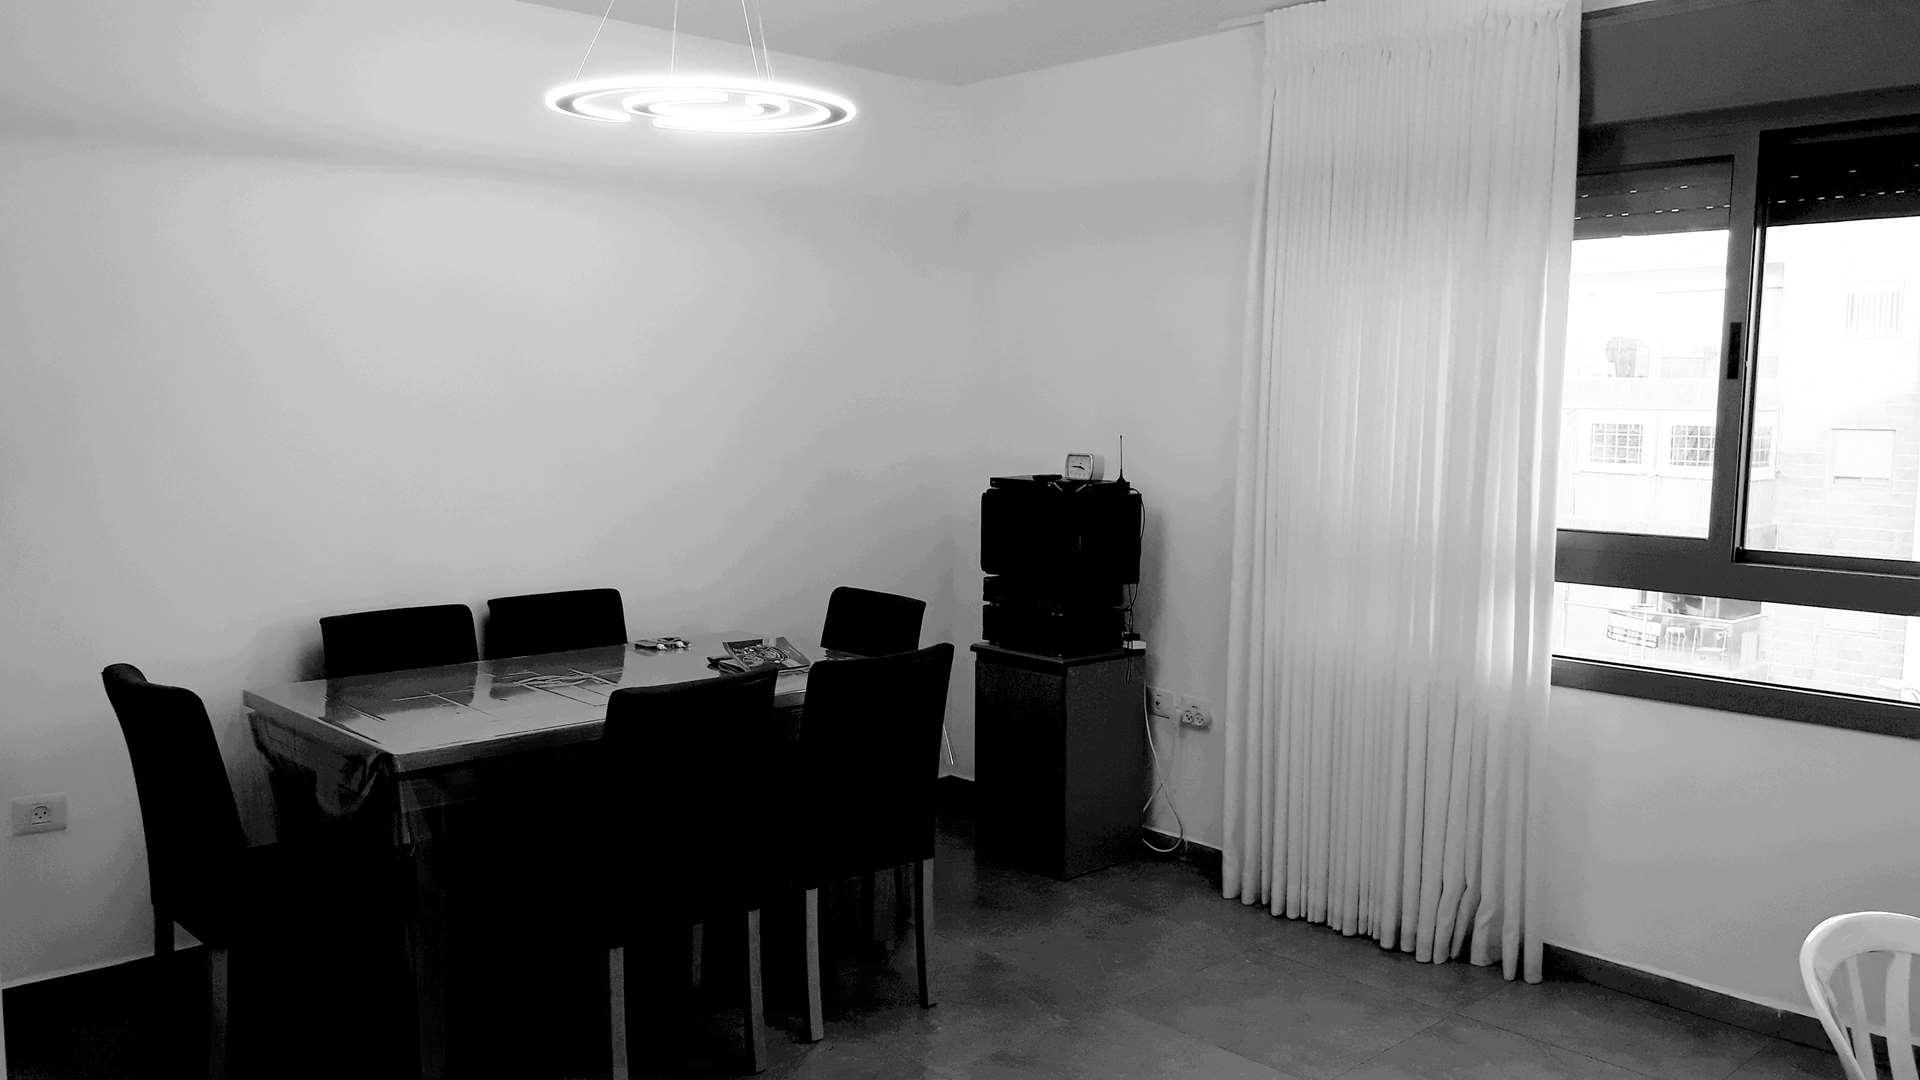 דירה למכירה 3 חדרים בחריש תאנה